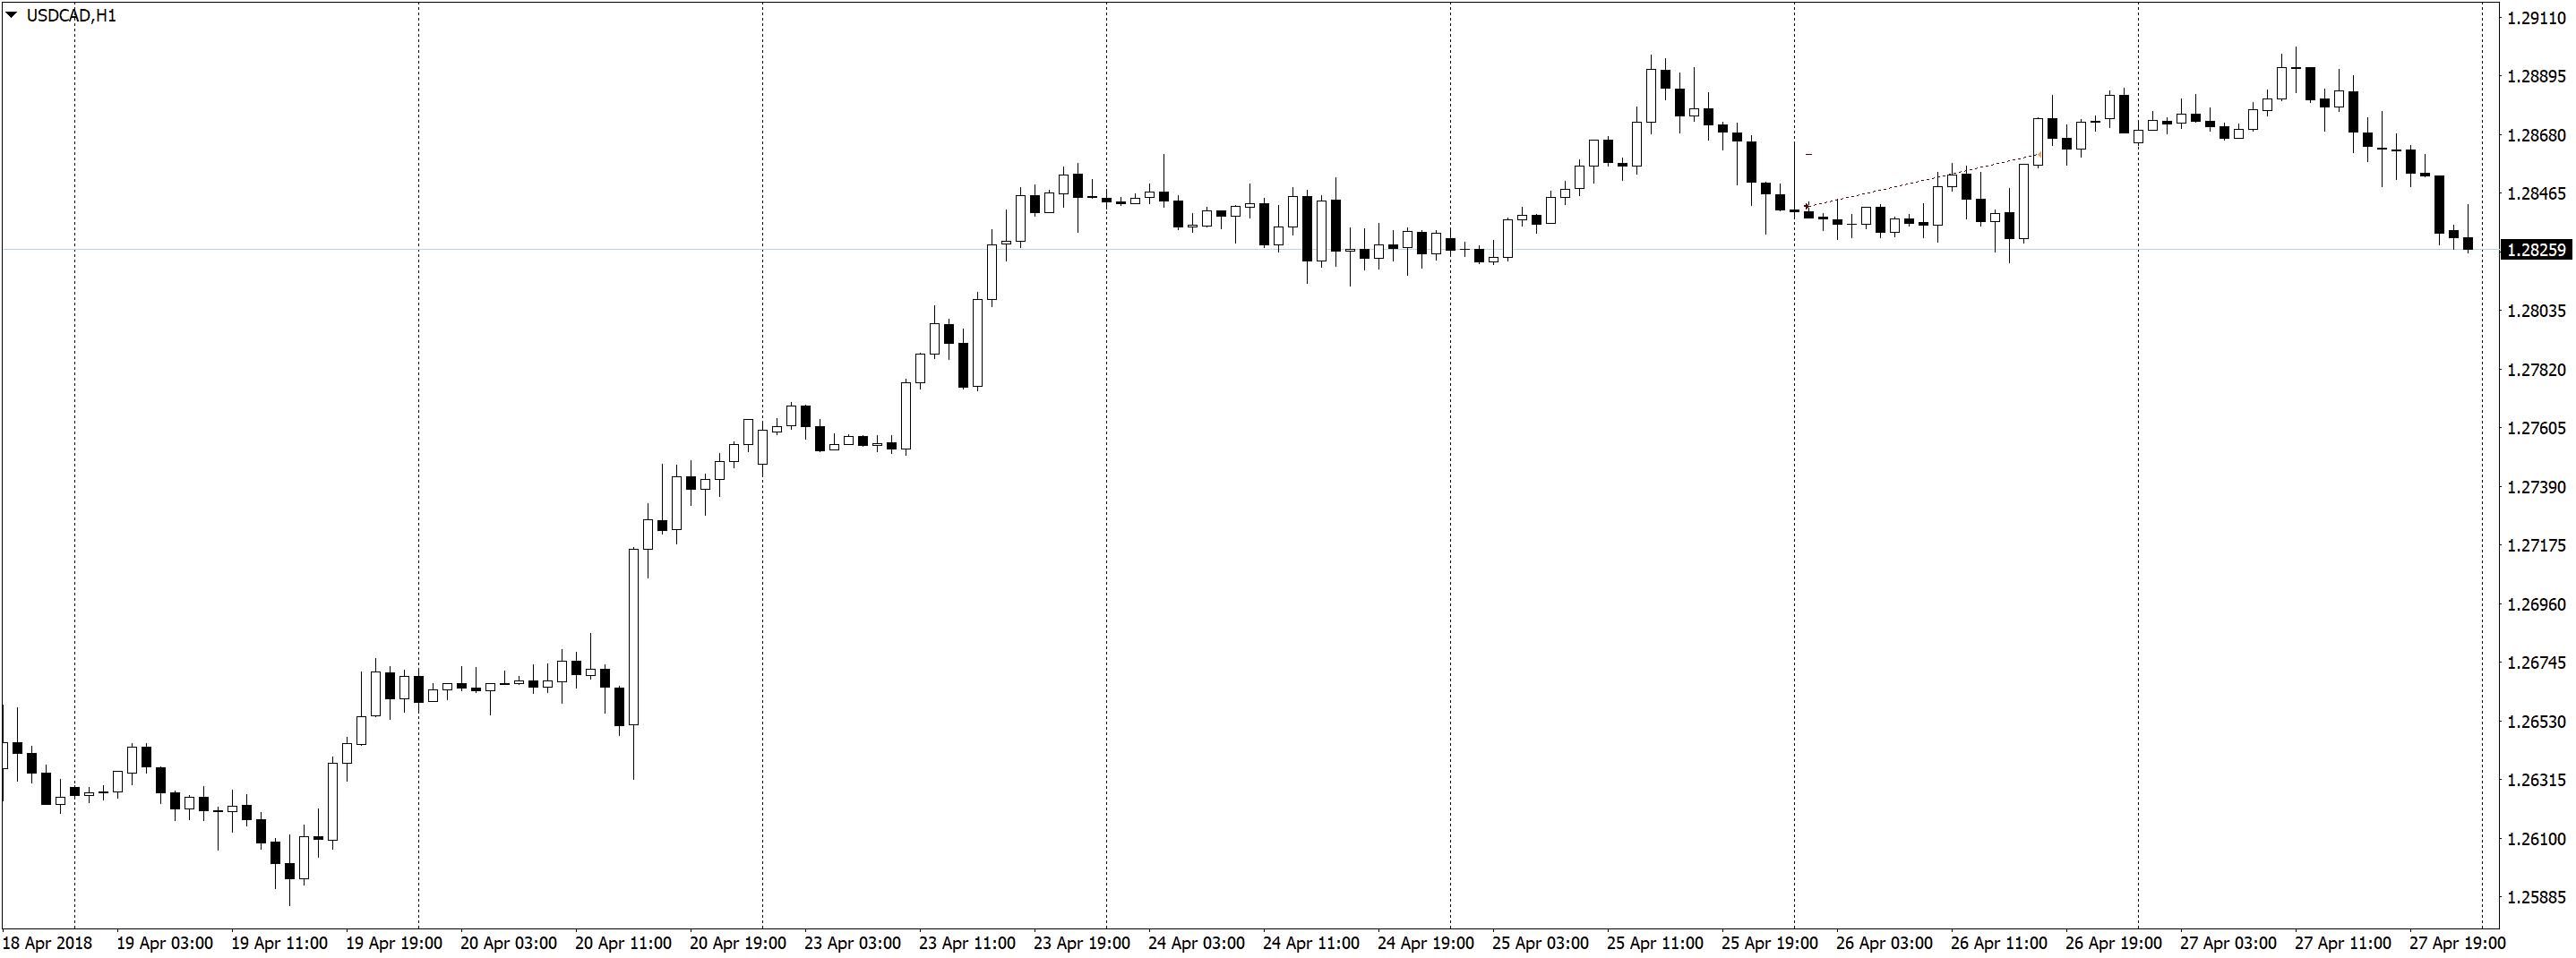 USDCADH1 2 Трейдинг по часовым графикам, немного сделок, спокойная торговля